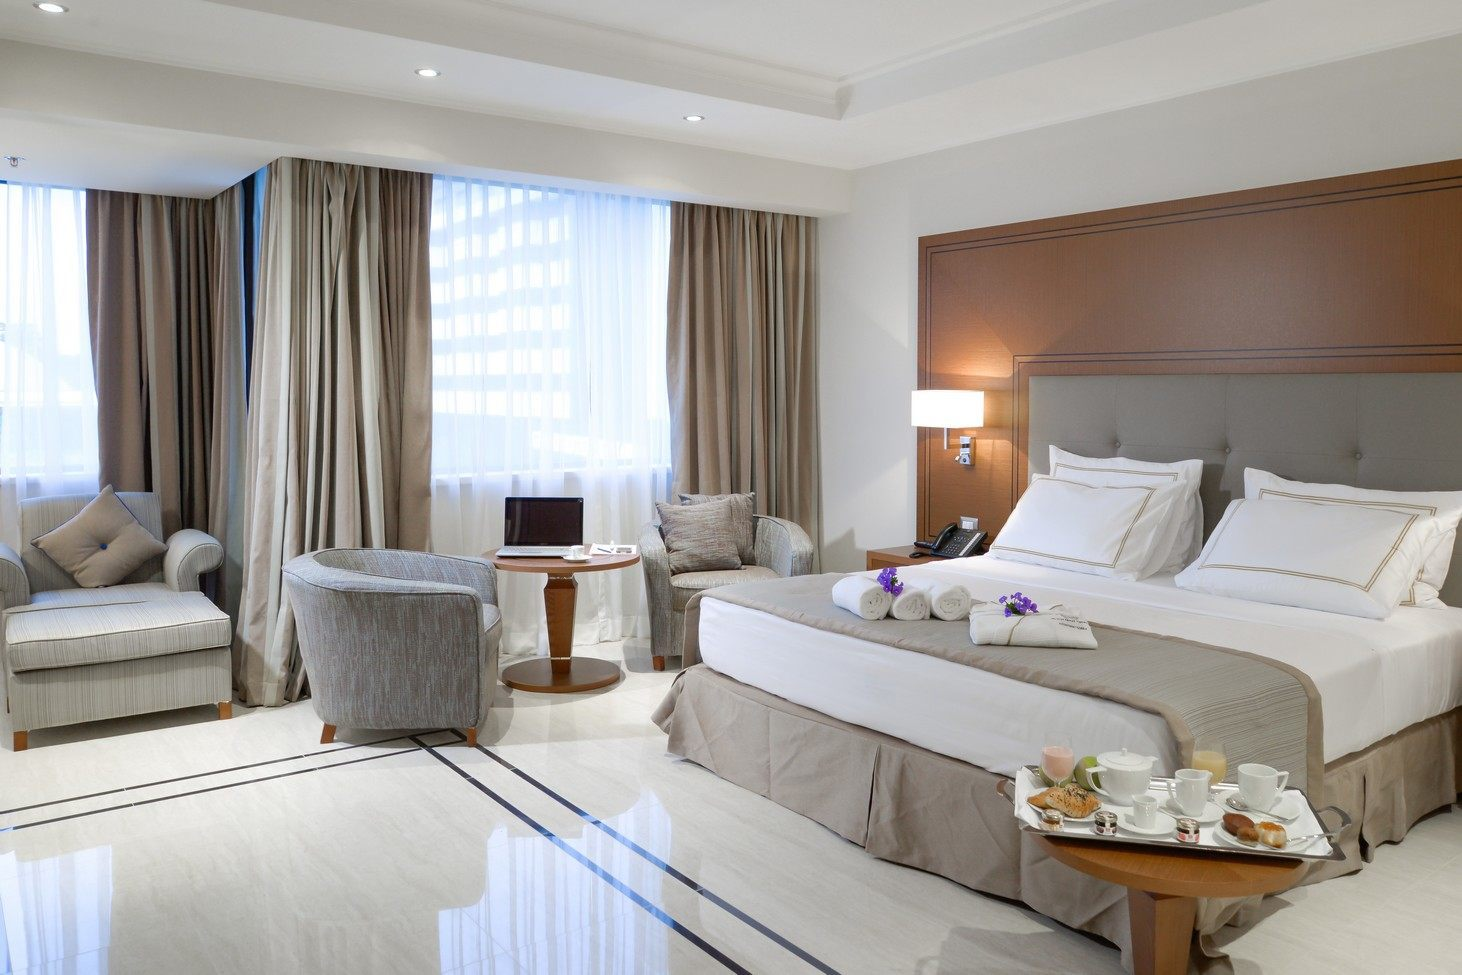 Habitaci n superior grand hotel djibloho for Habitaciones conectadas hotel